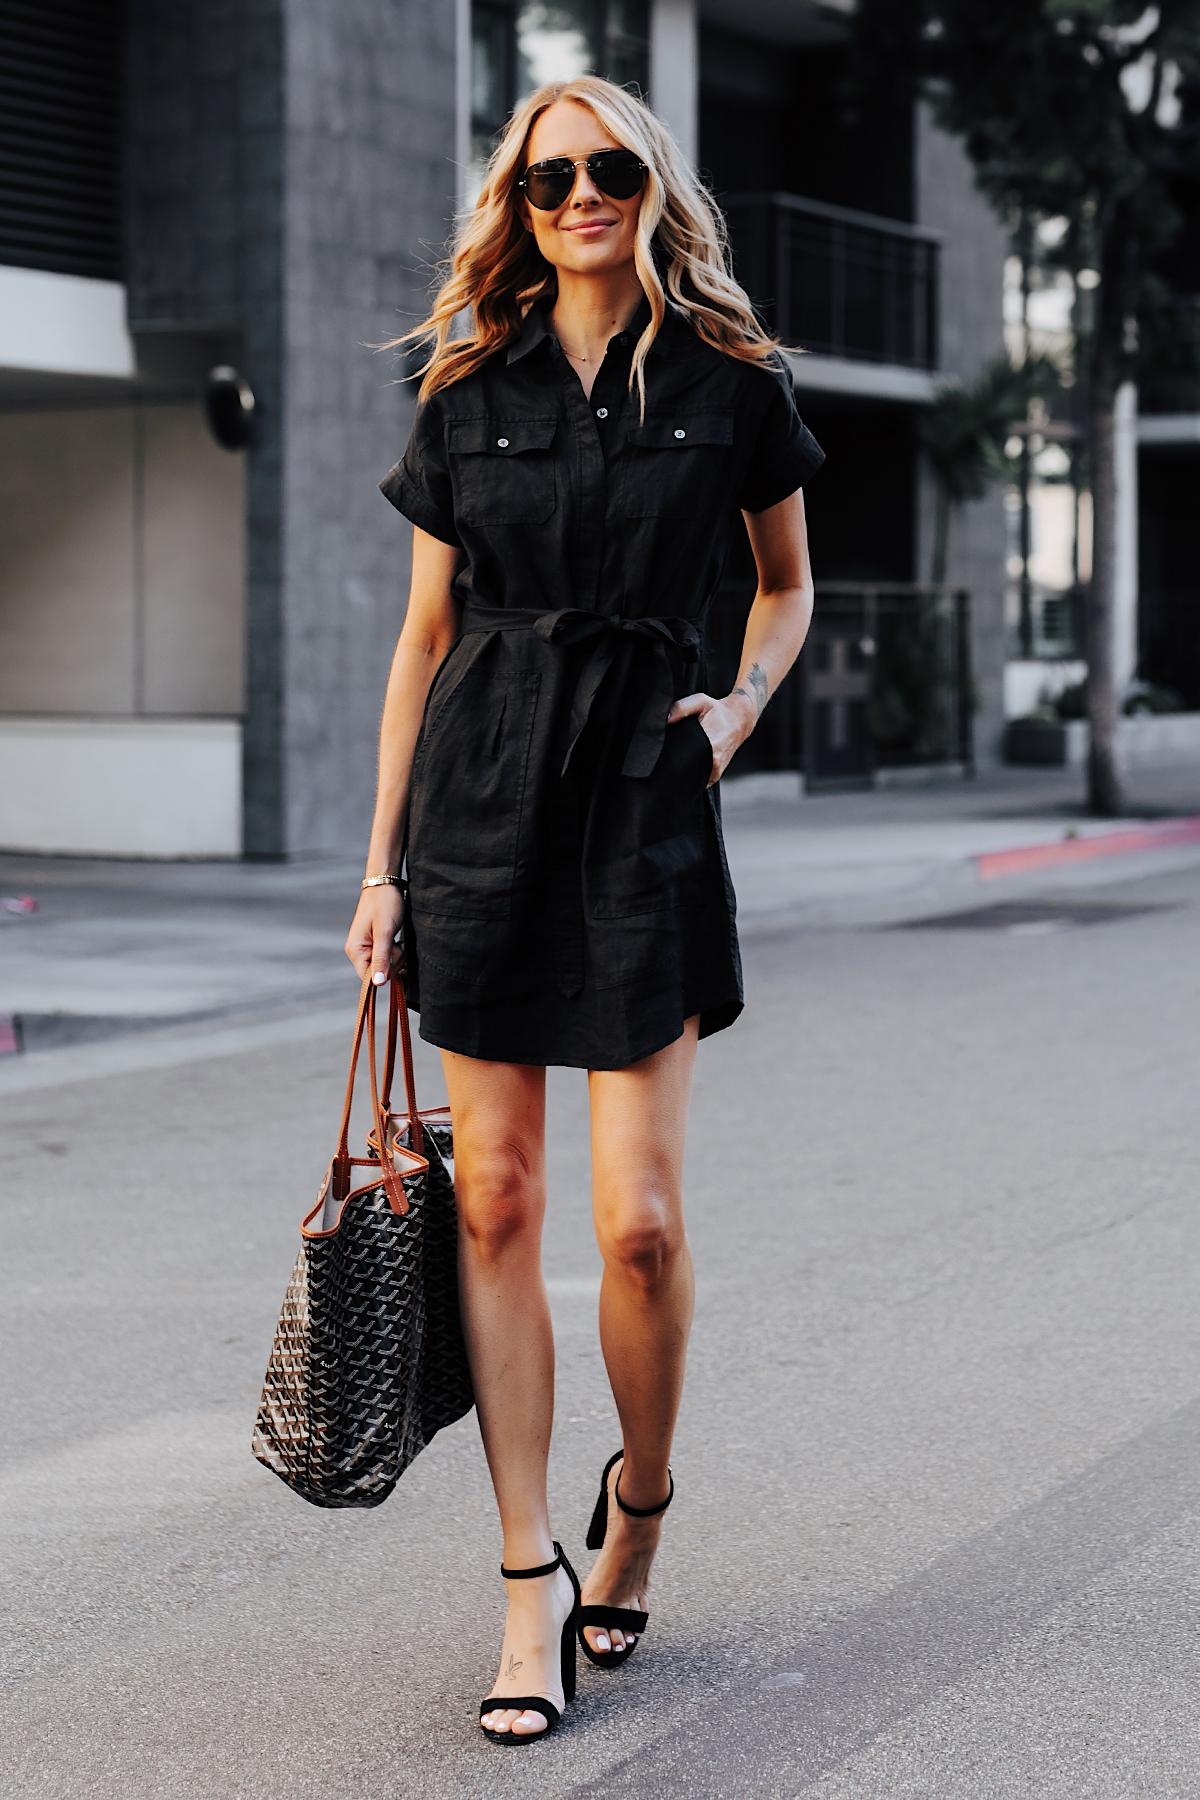 đầm sơmi giấu quần đen fashion jackson